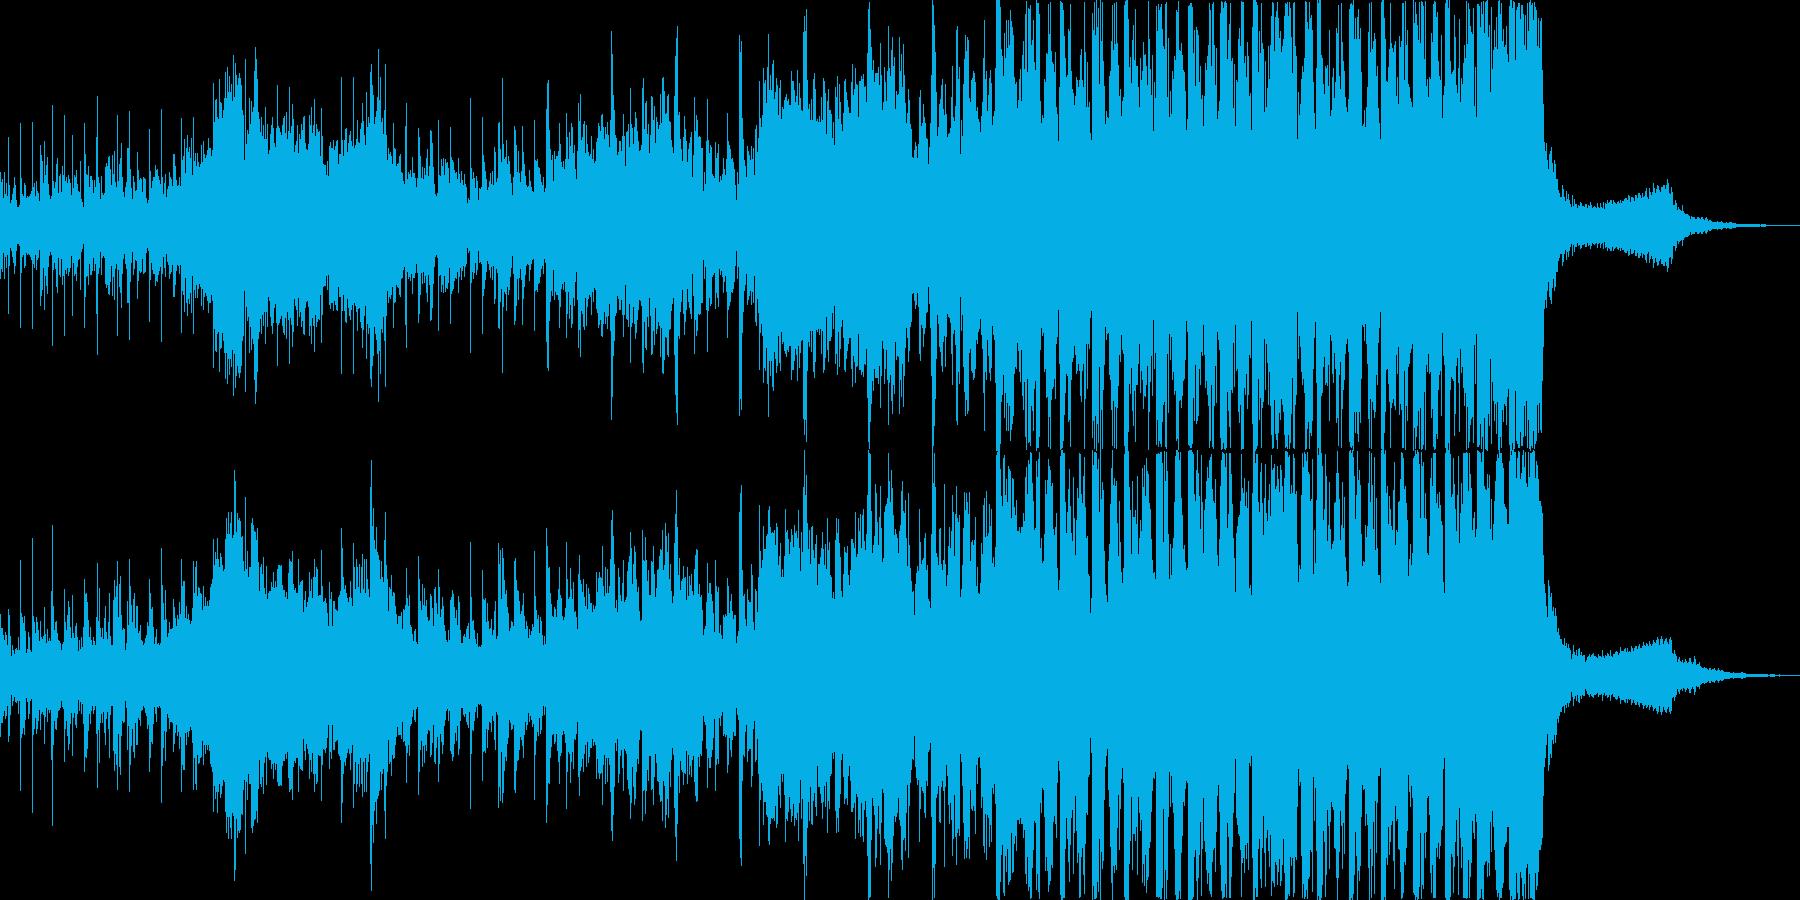 迫力のサイバー系映画トレーラーサウンドの再生済みの波形